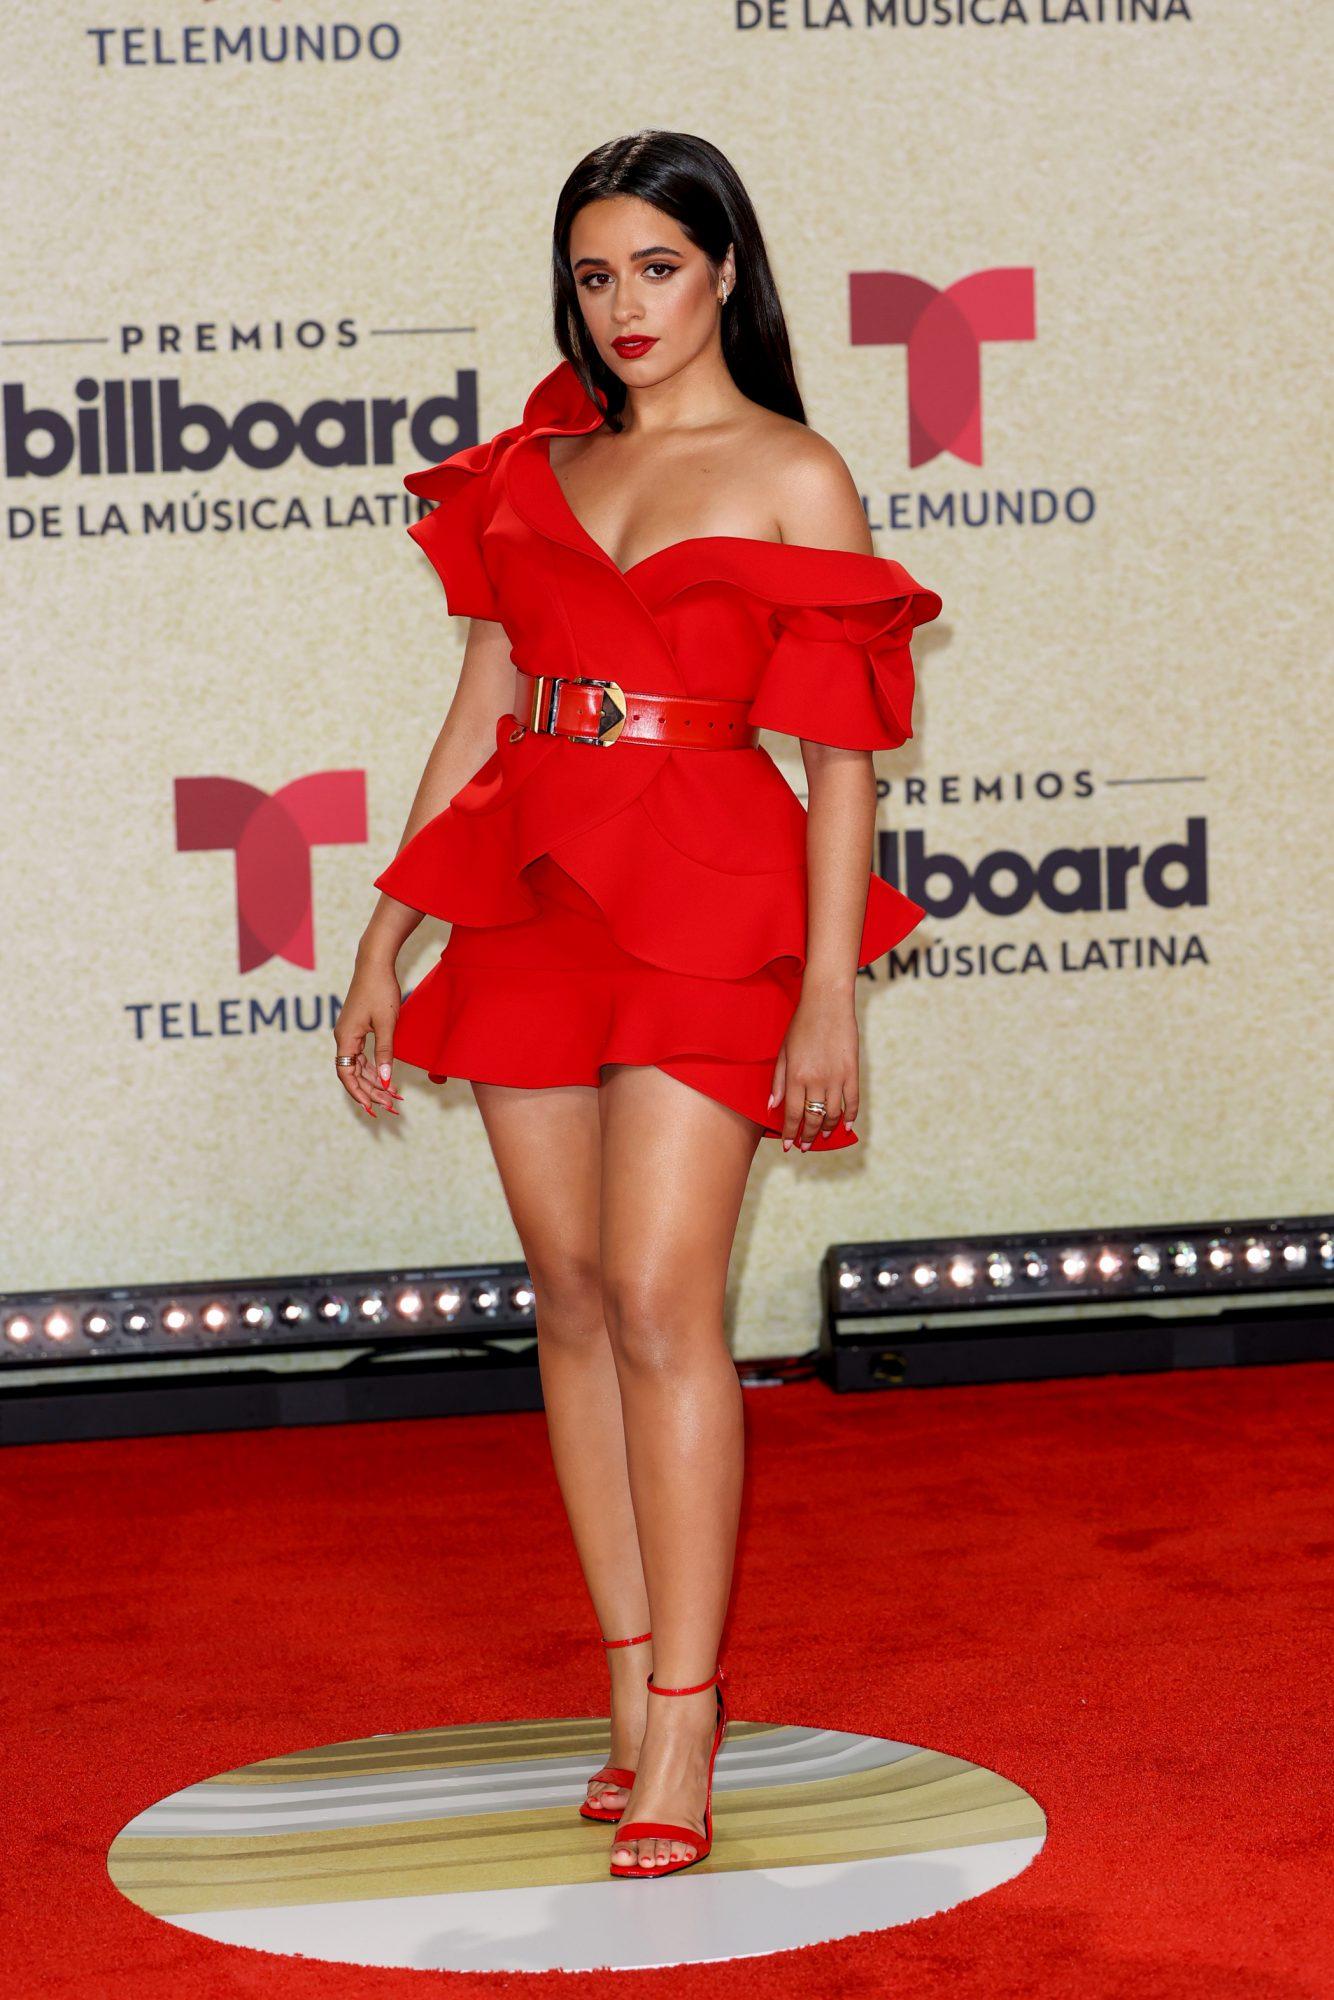 Camila Cabello, Premios billboard 2021